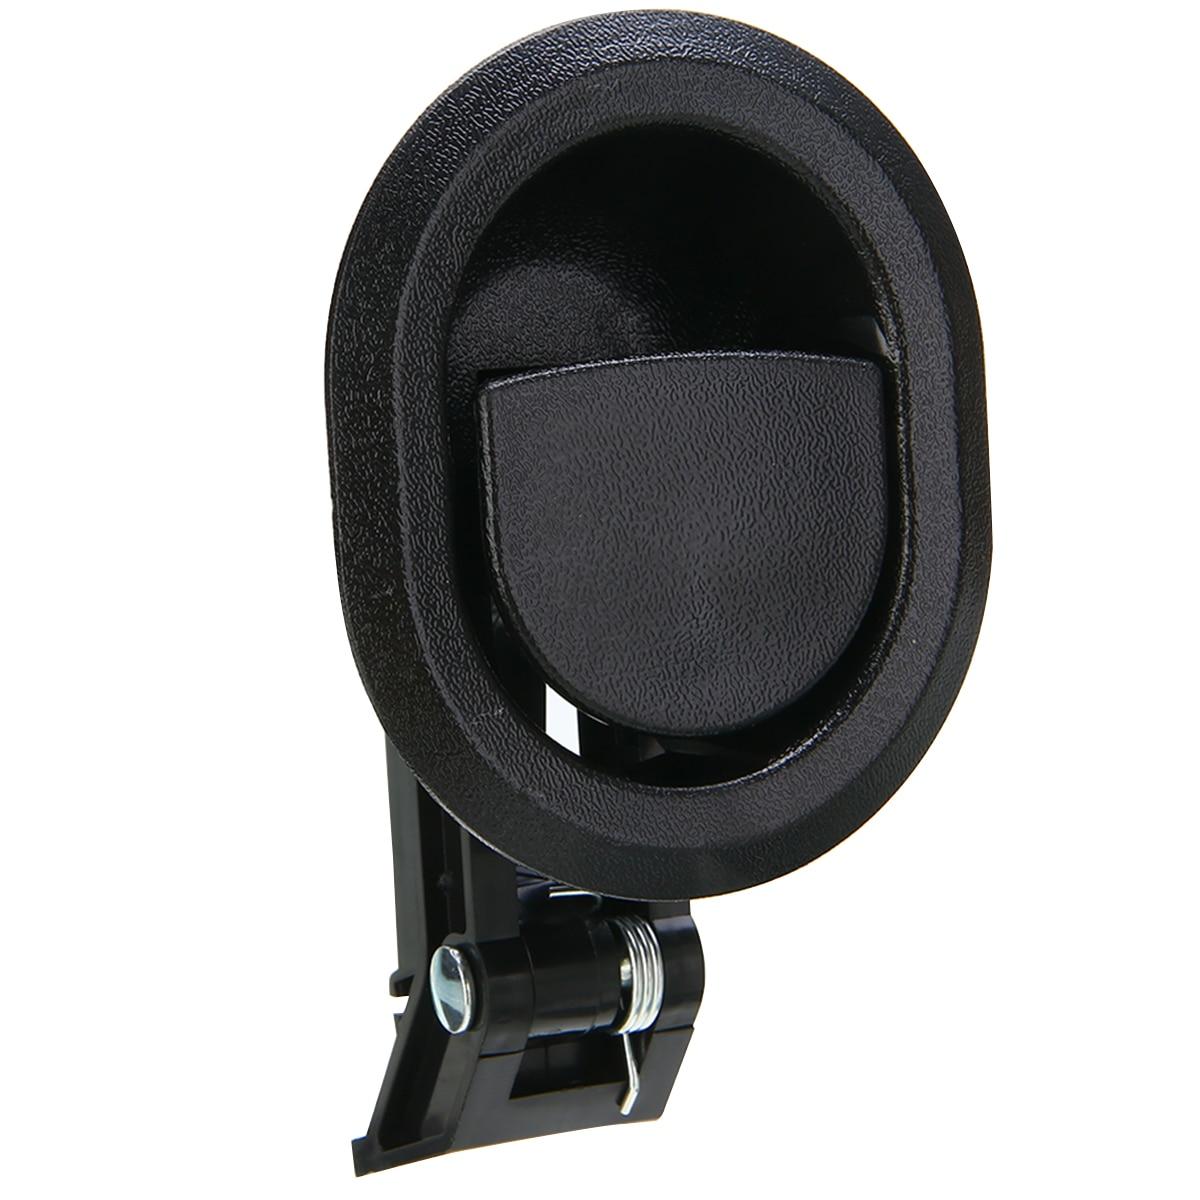 Punho plástico duro do punho da alavanca da liberação preta para as peças de substituição do sofá da cadeira reclinável